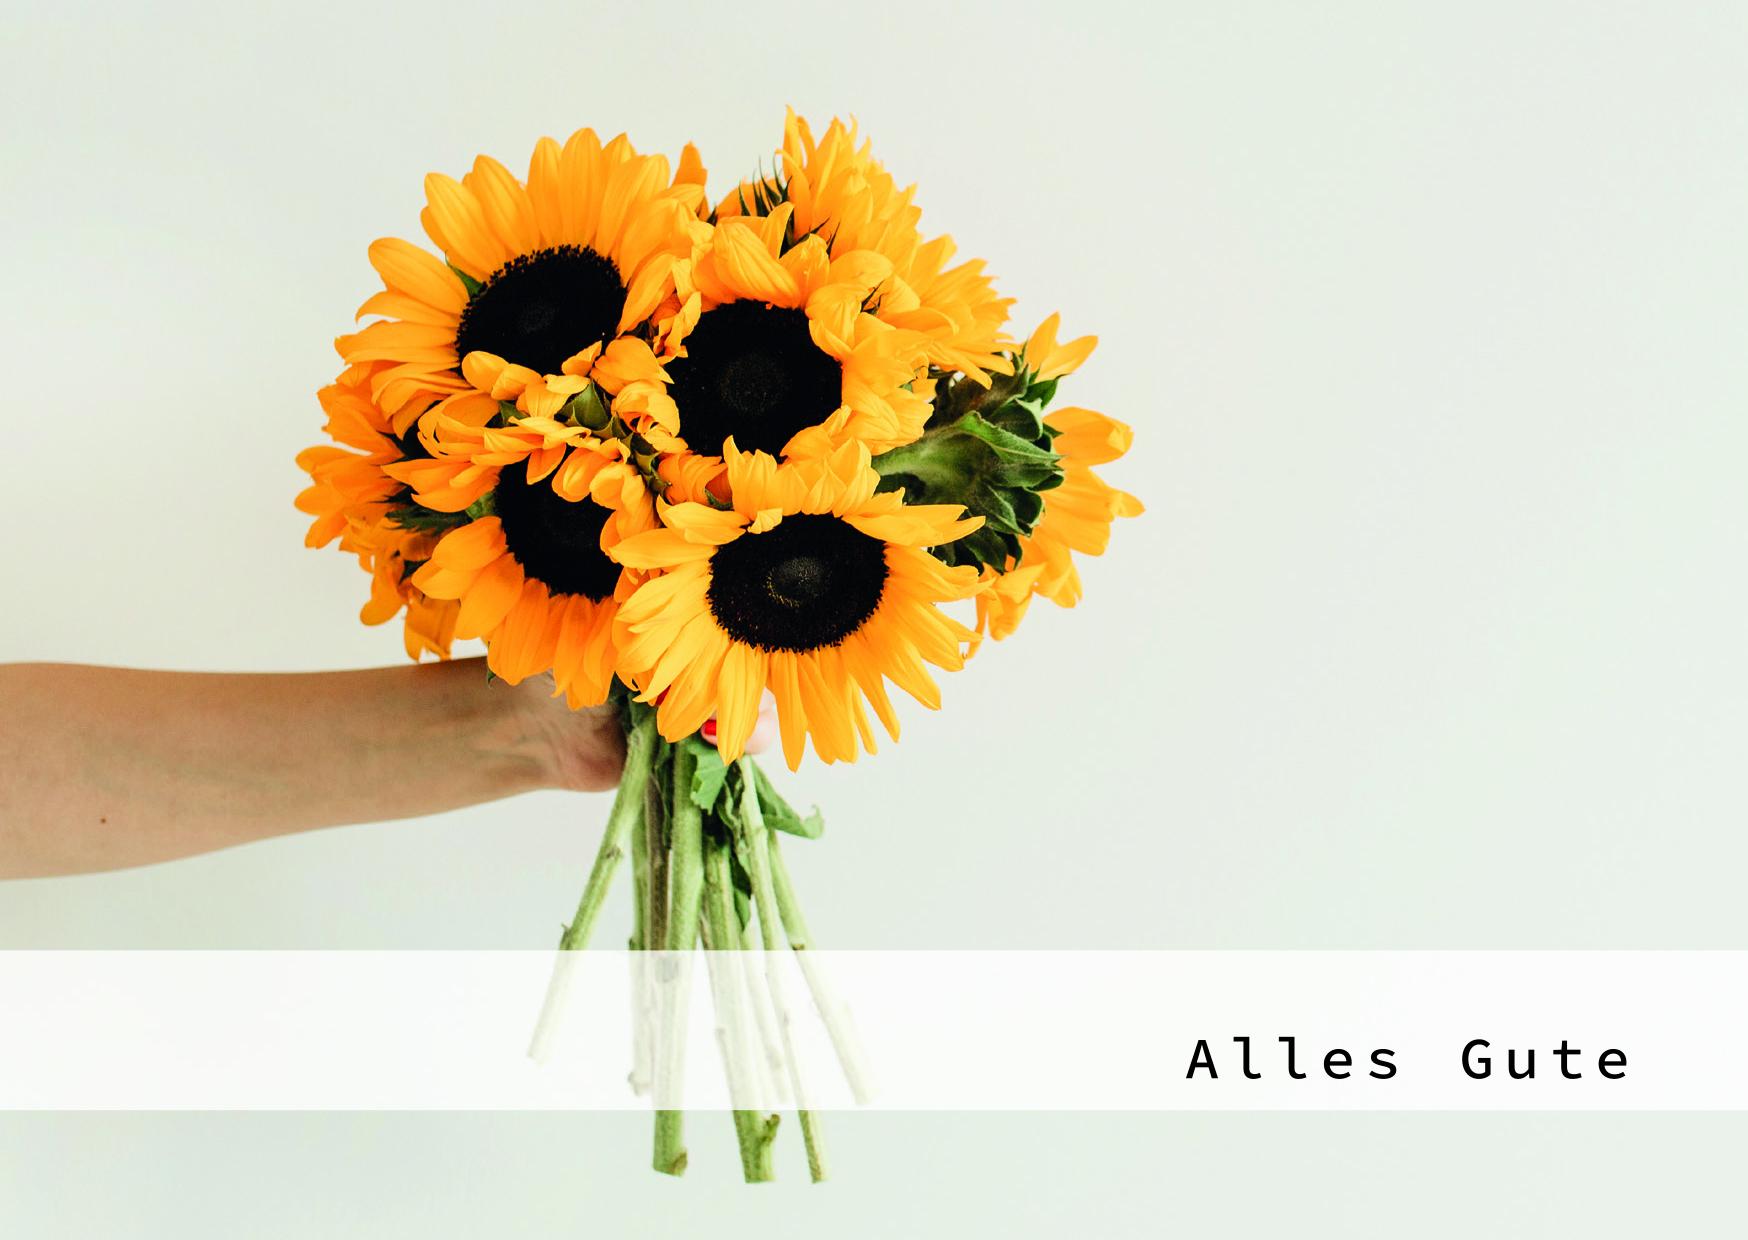 Augenblicke der Besinnung - Grußkarte Blumenstrauß